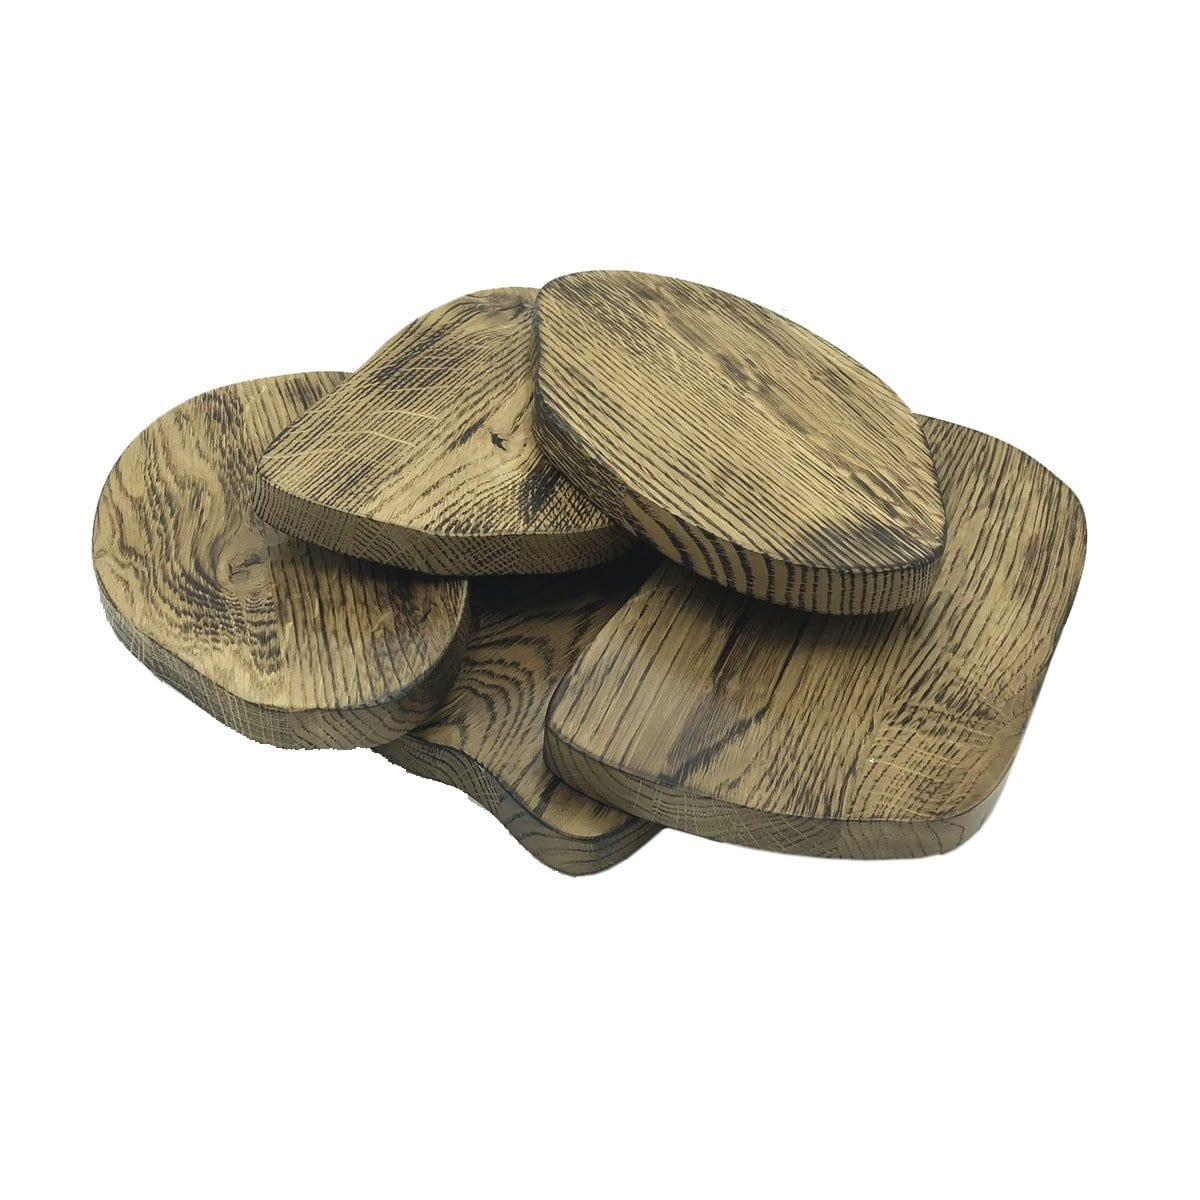 Scorched Oak Random Board 230x140x18 Very Eye Catching